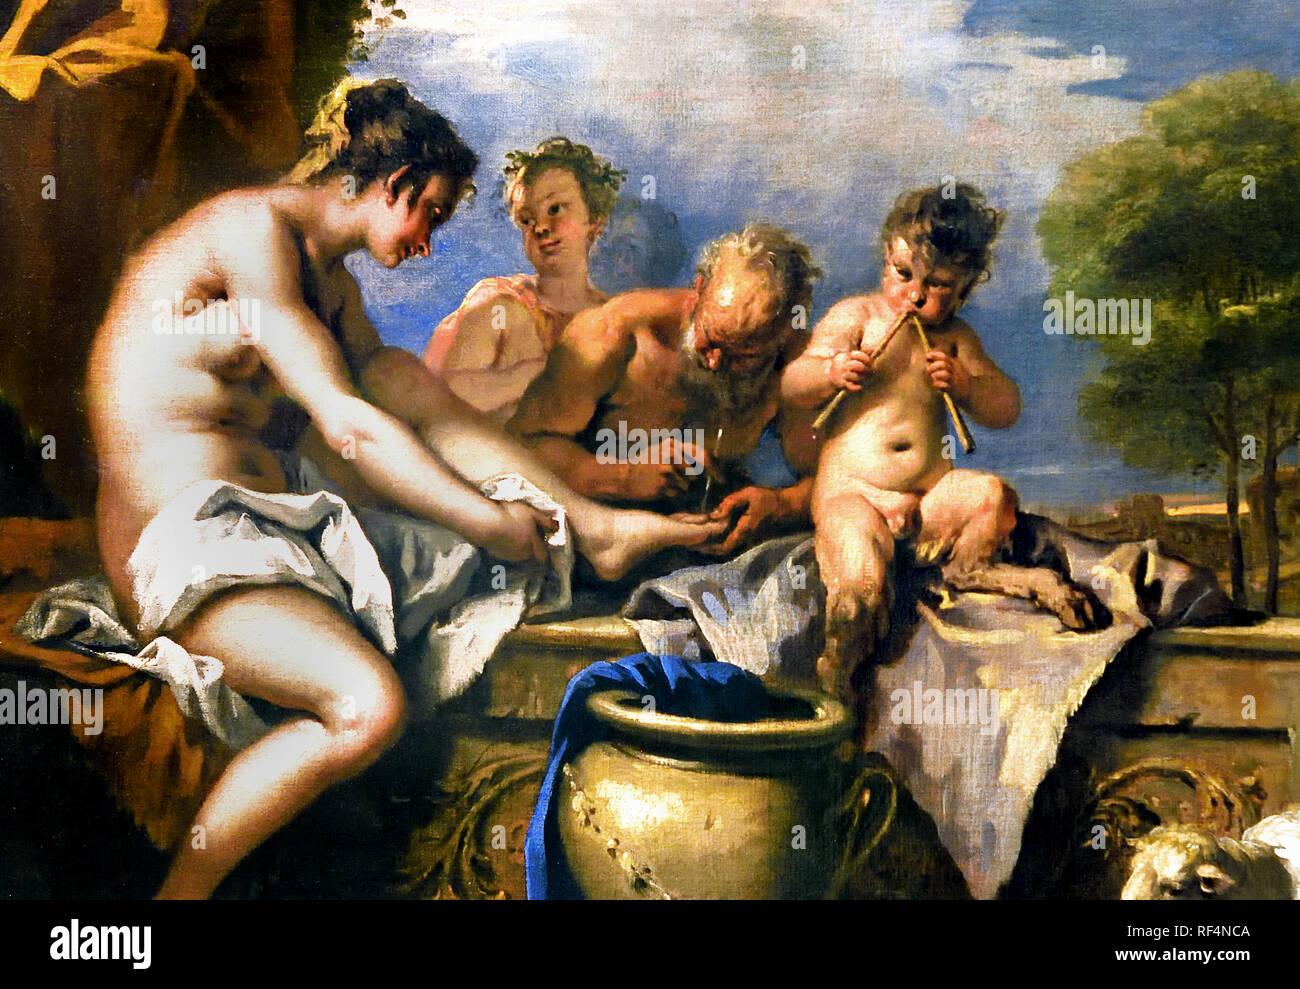 Nymphs and satyrs 1712 - 1716 Sebastiano Ricci Anthony -Sebastiano Ricci Antoine 1659-1734 Italy Italian Stock Photo